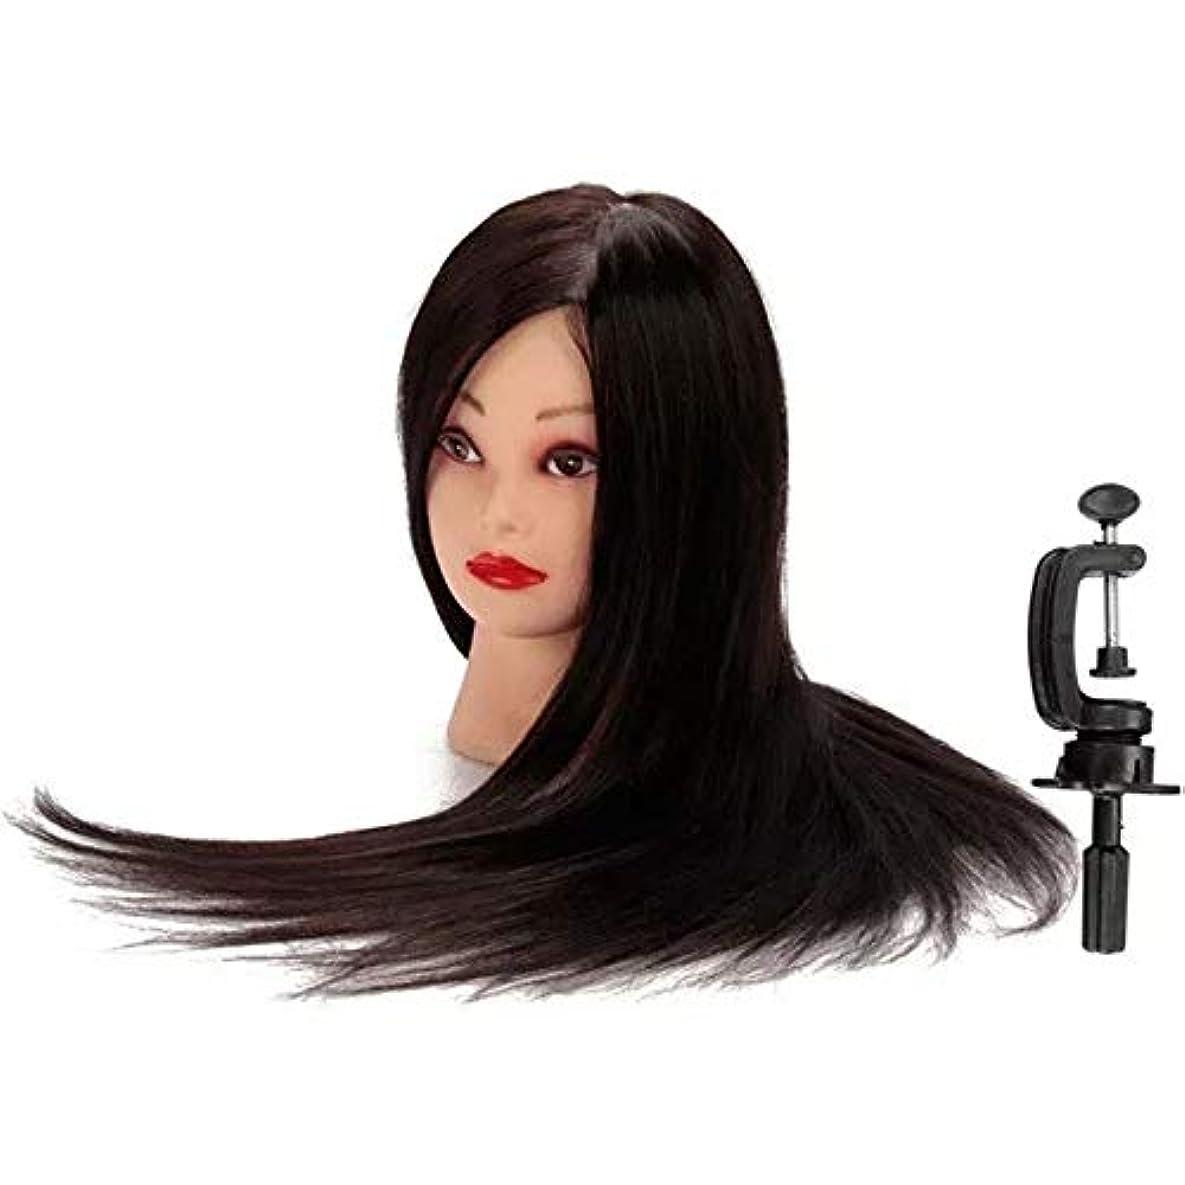 わがまま輸送郵便屋さんウイッグ マネキンヘッド 50%のブラック本物の人間の髪の毛のトレーニング頭部理髪カッティング練習マネキンモデルクランプホルダ 練習用 (色 : ブラック, サイズ : 25*15*11cm)